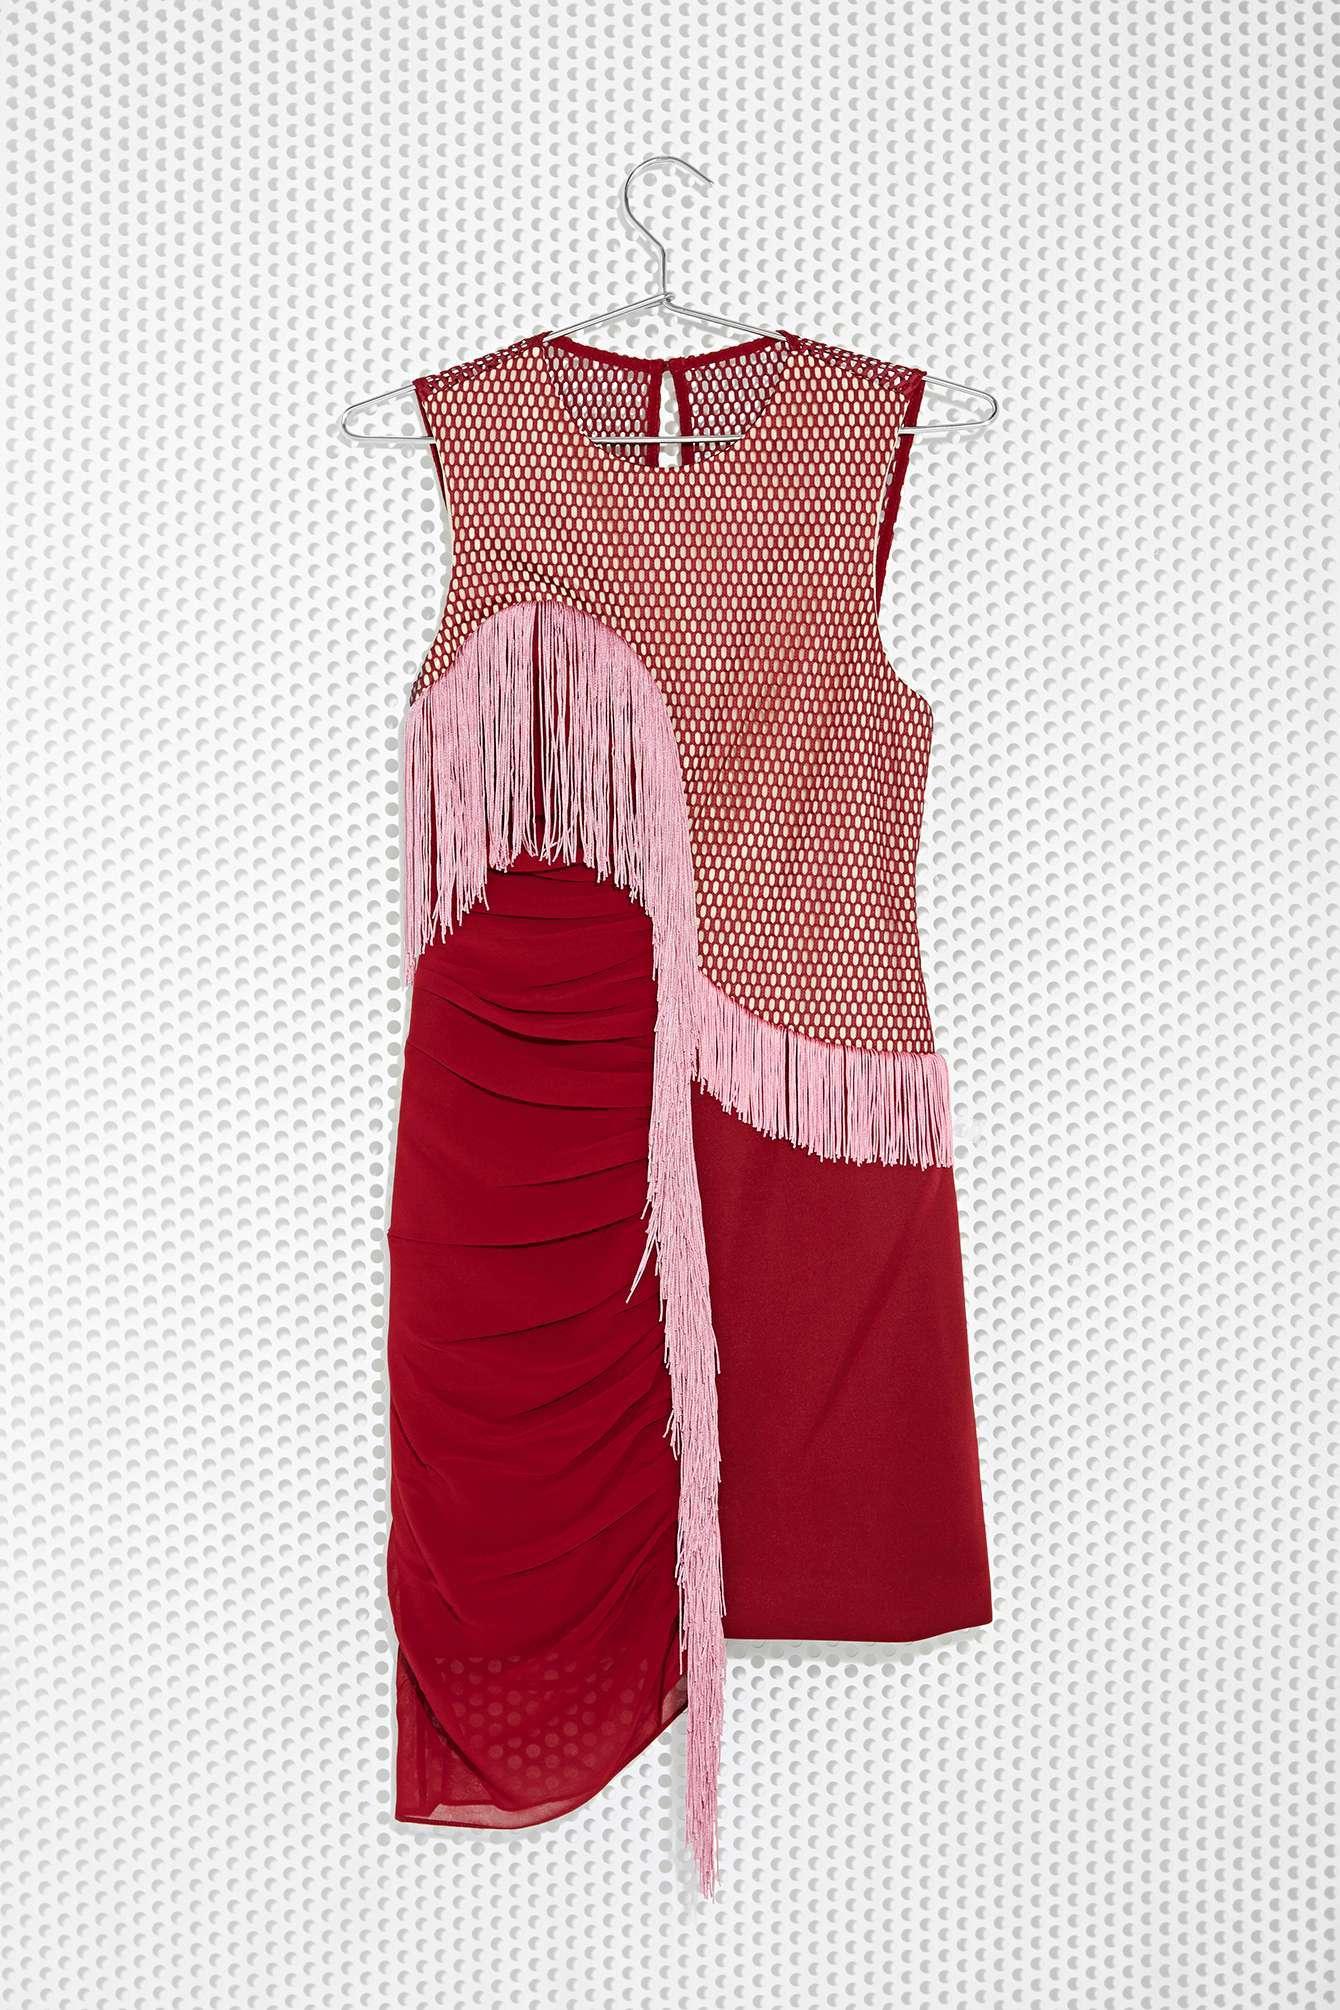 3 floor red dress shirt